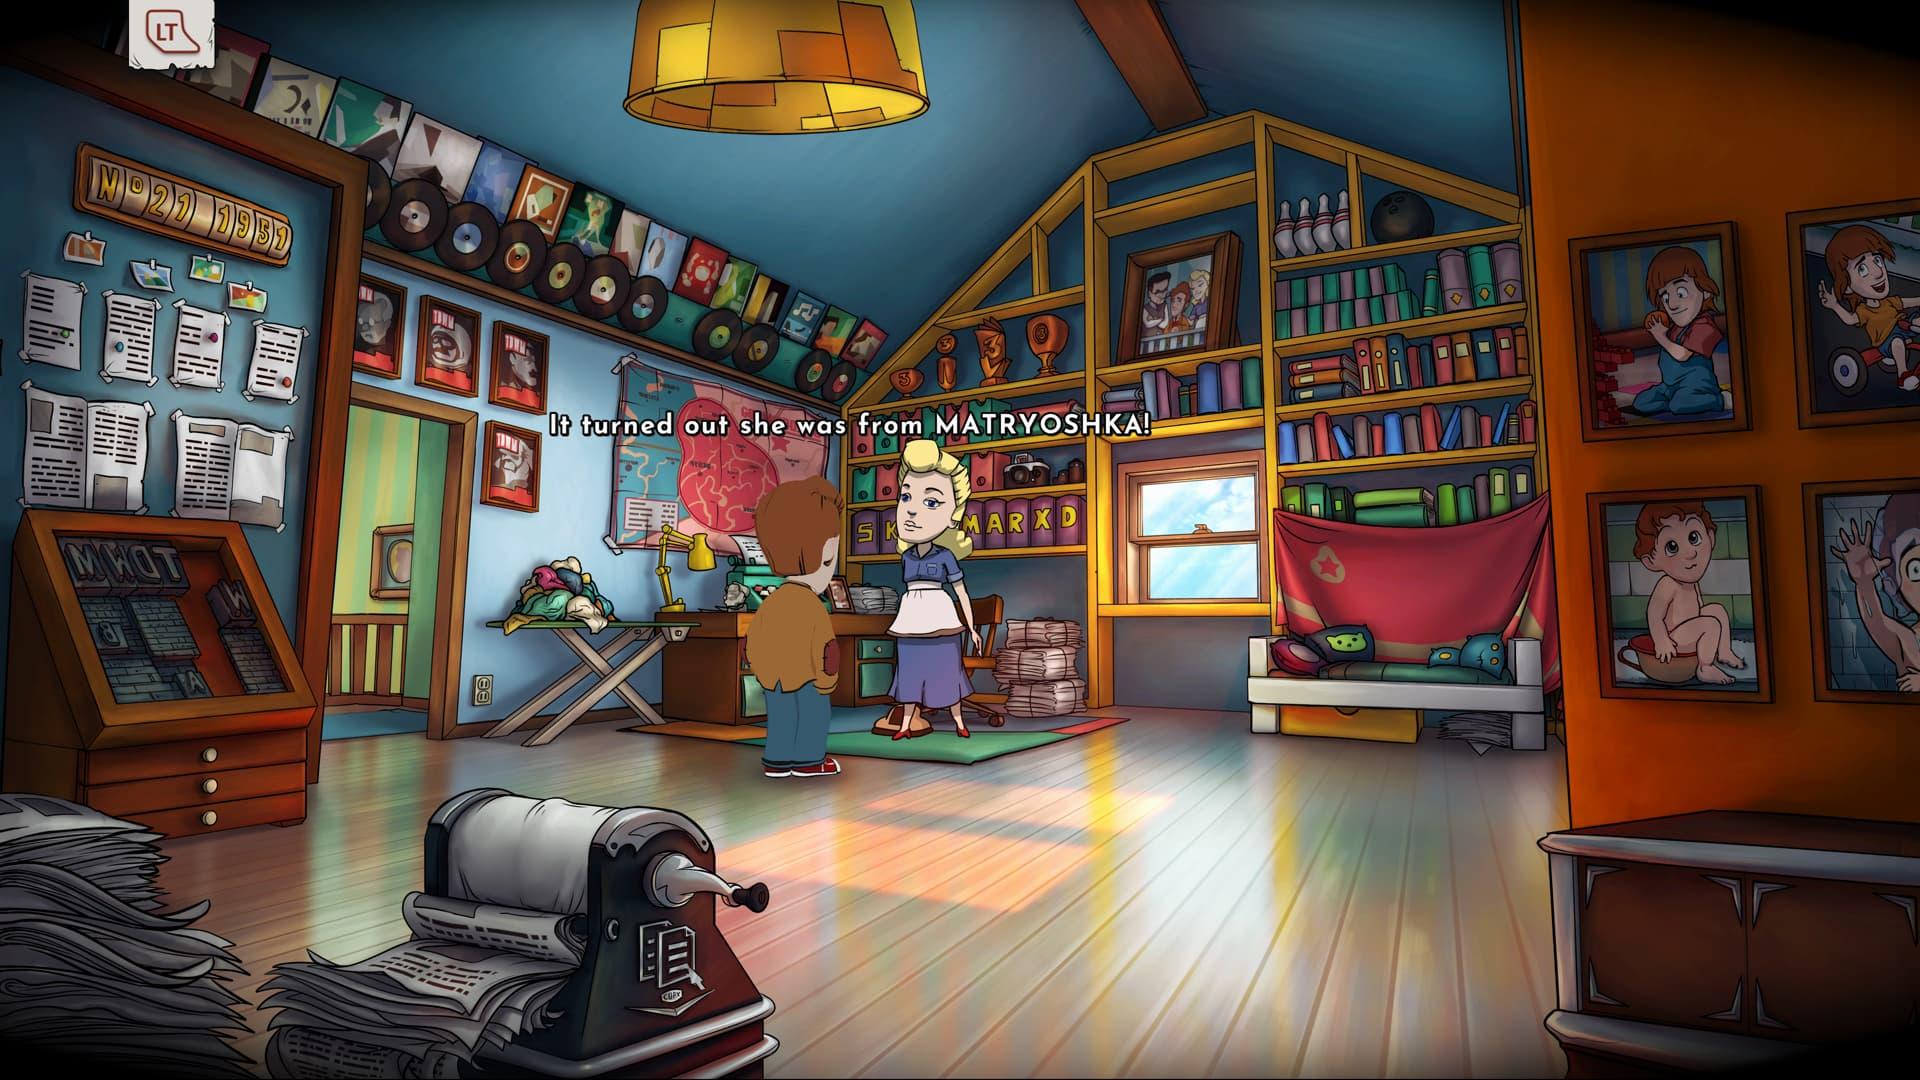 Análisis de Irony Curtain: From Matryoshka with Love - Xbox One 1